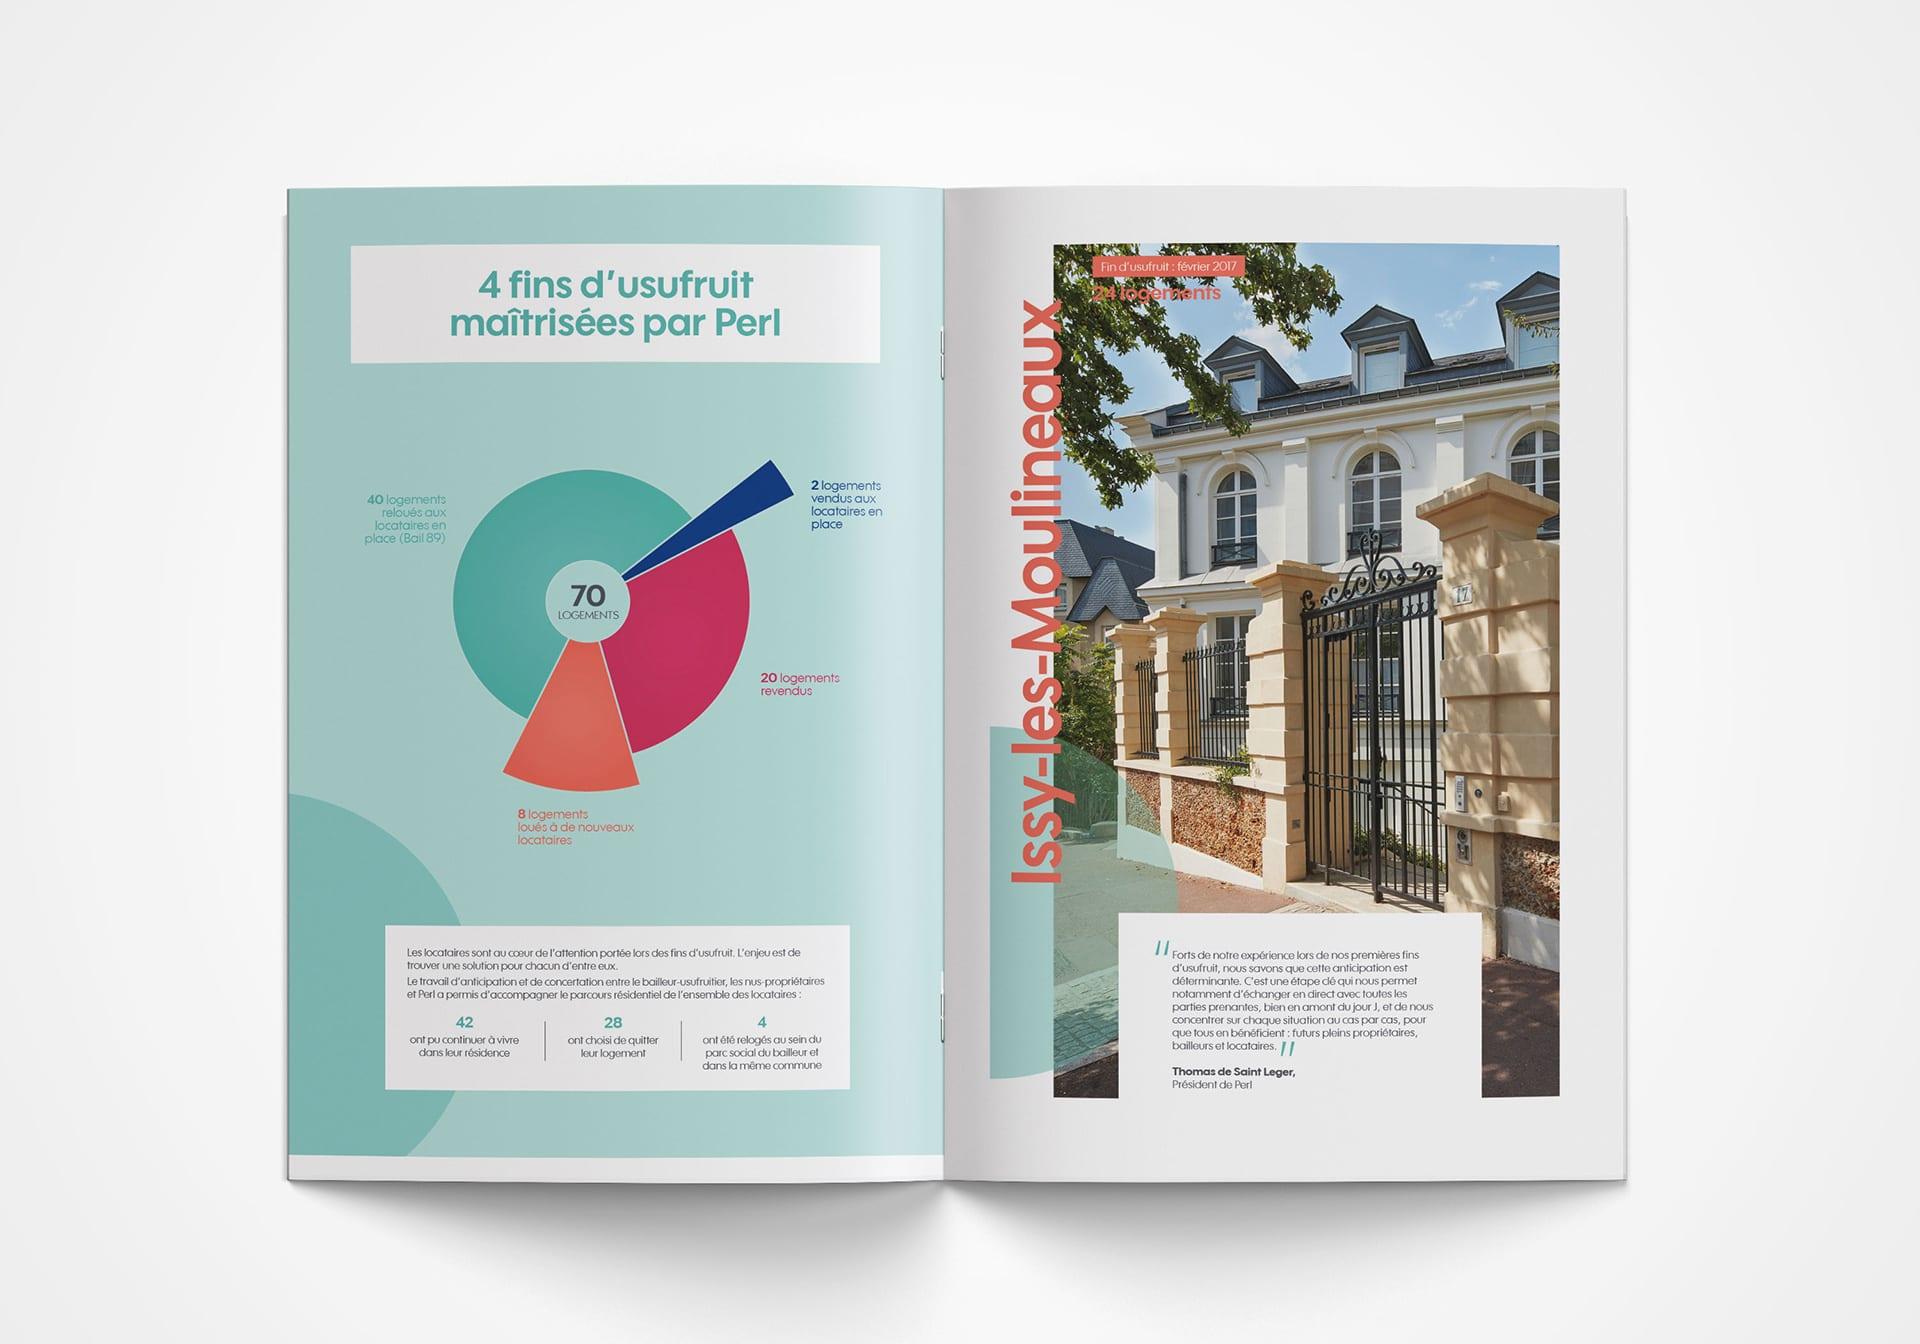 Il y a une brochure commerciale fin d'usufruit pour un programme immobilier Perl, réalisée par l'agence de communication et marketing Siouxe à Paris.